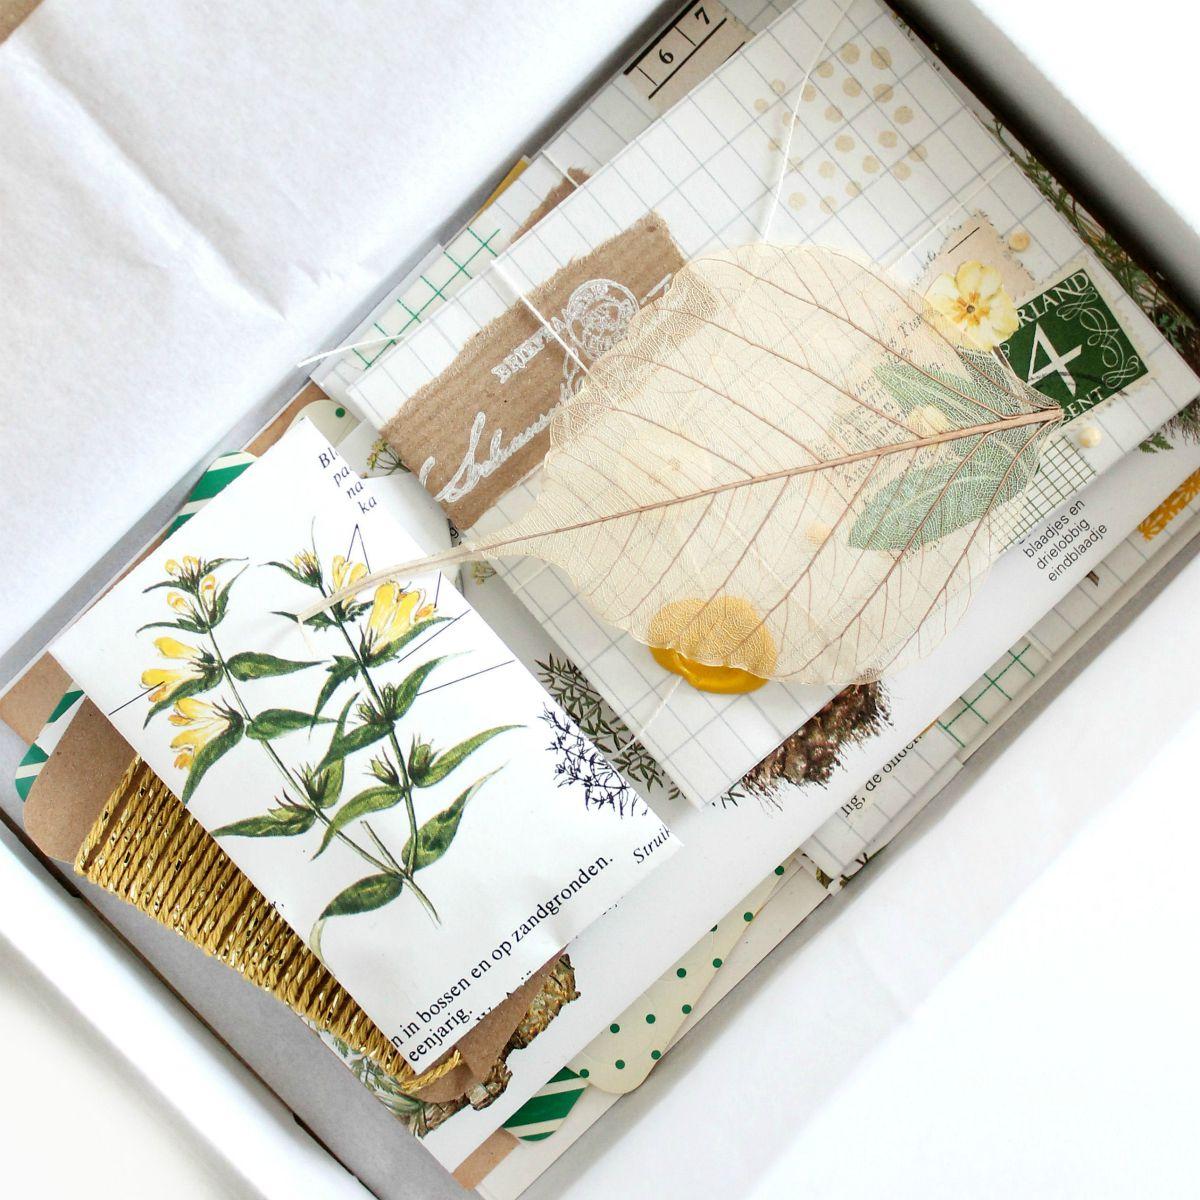 Mini swap van papierwaren in zomers thema